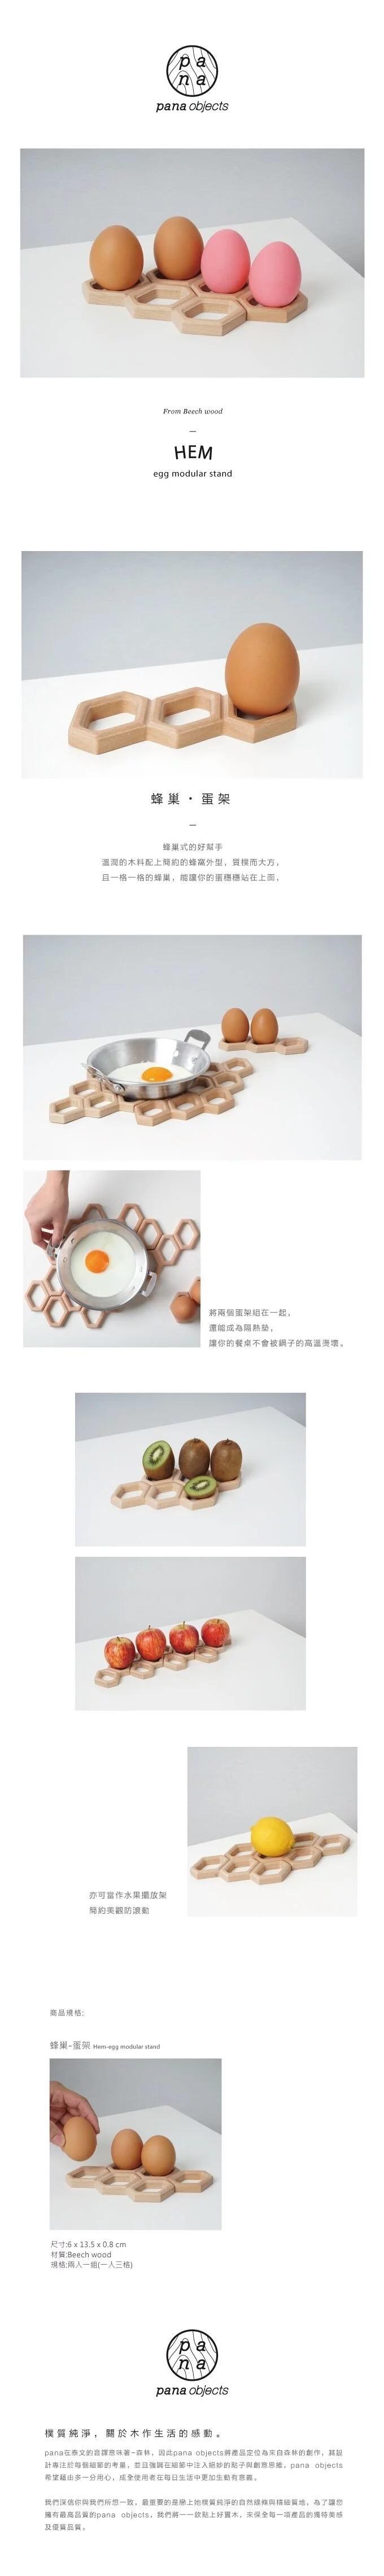 【11/10~11/24聖誕感謝祭 95折】pana objects 蜂巢蛋架